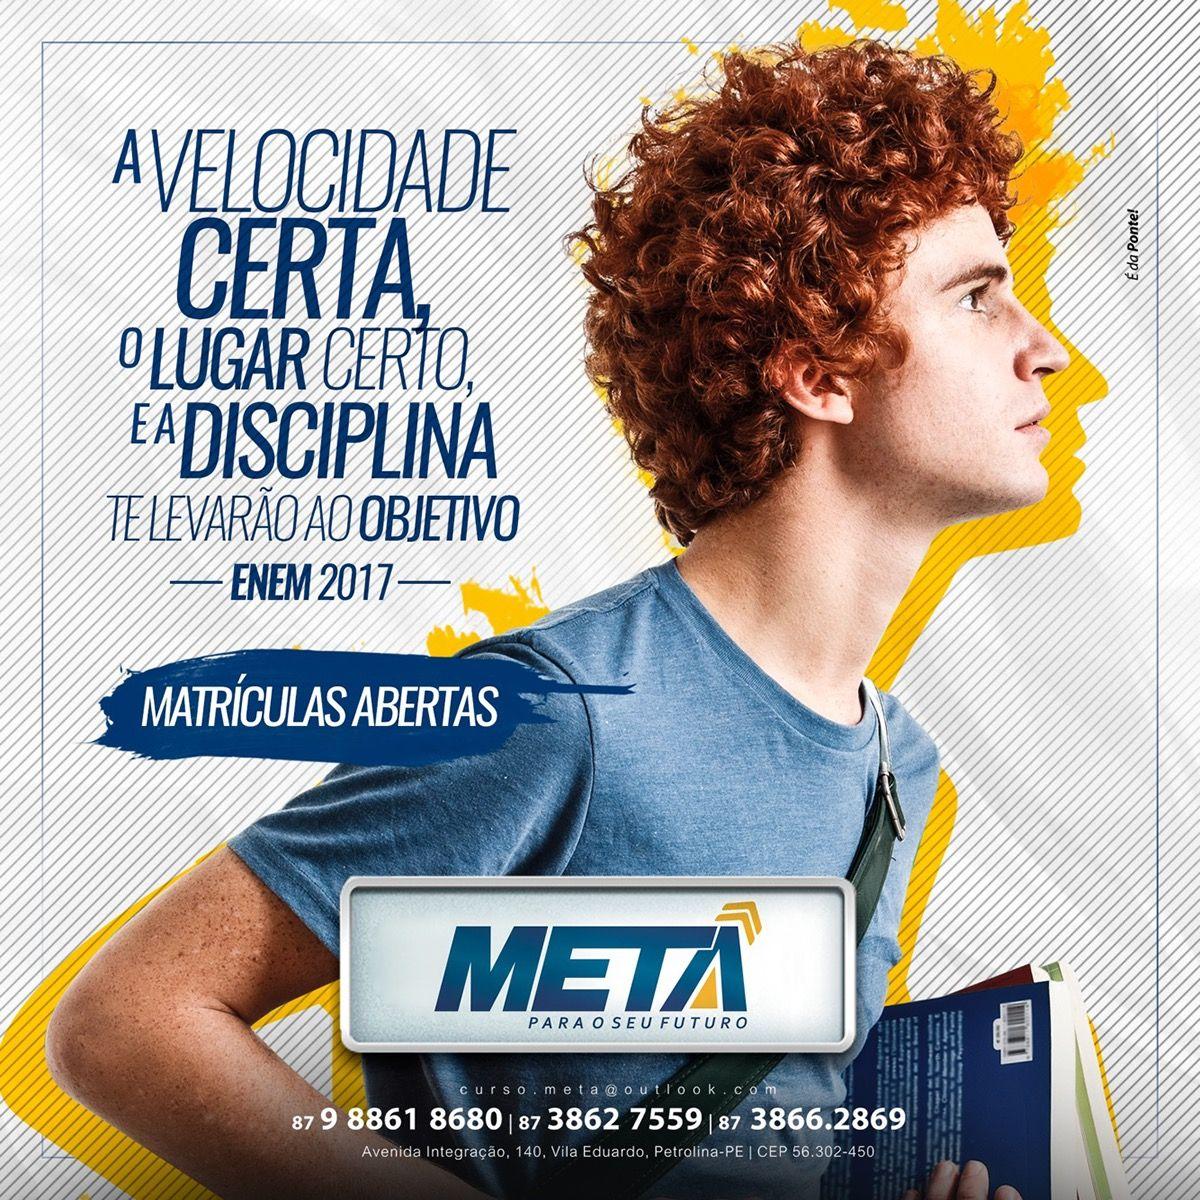 Material De Campanha Concursos Meta On Behance Social Media Design Social Media Design Inspiration Graphic Design Advertising